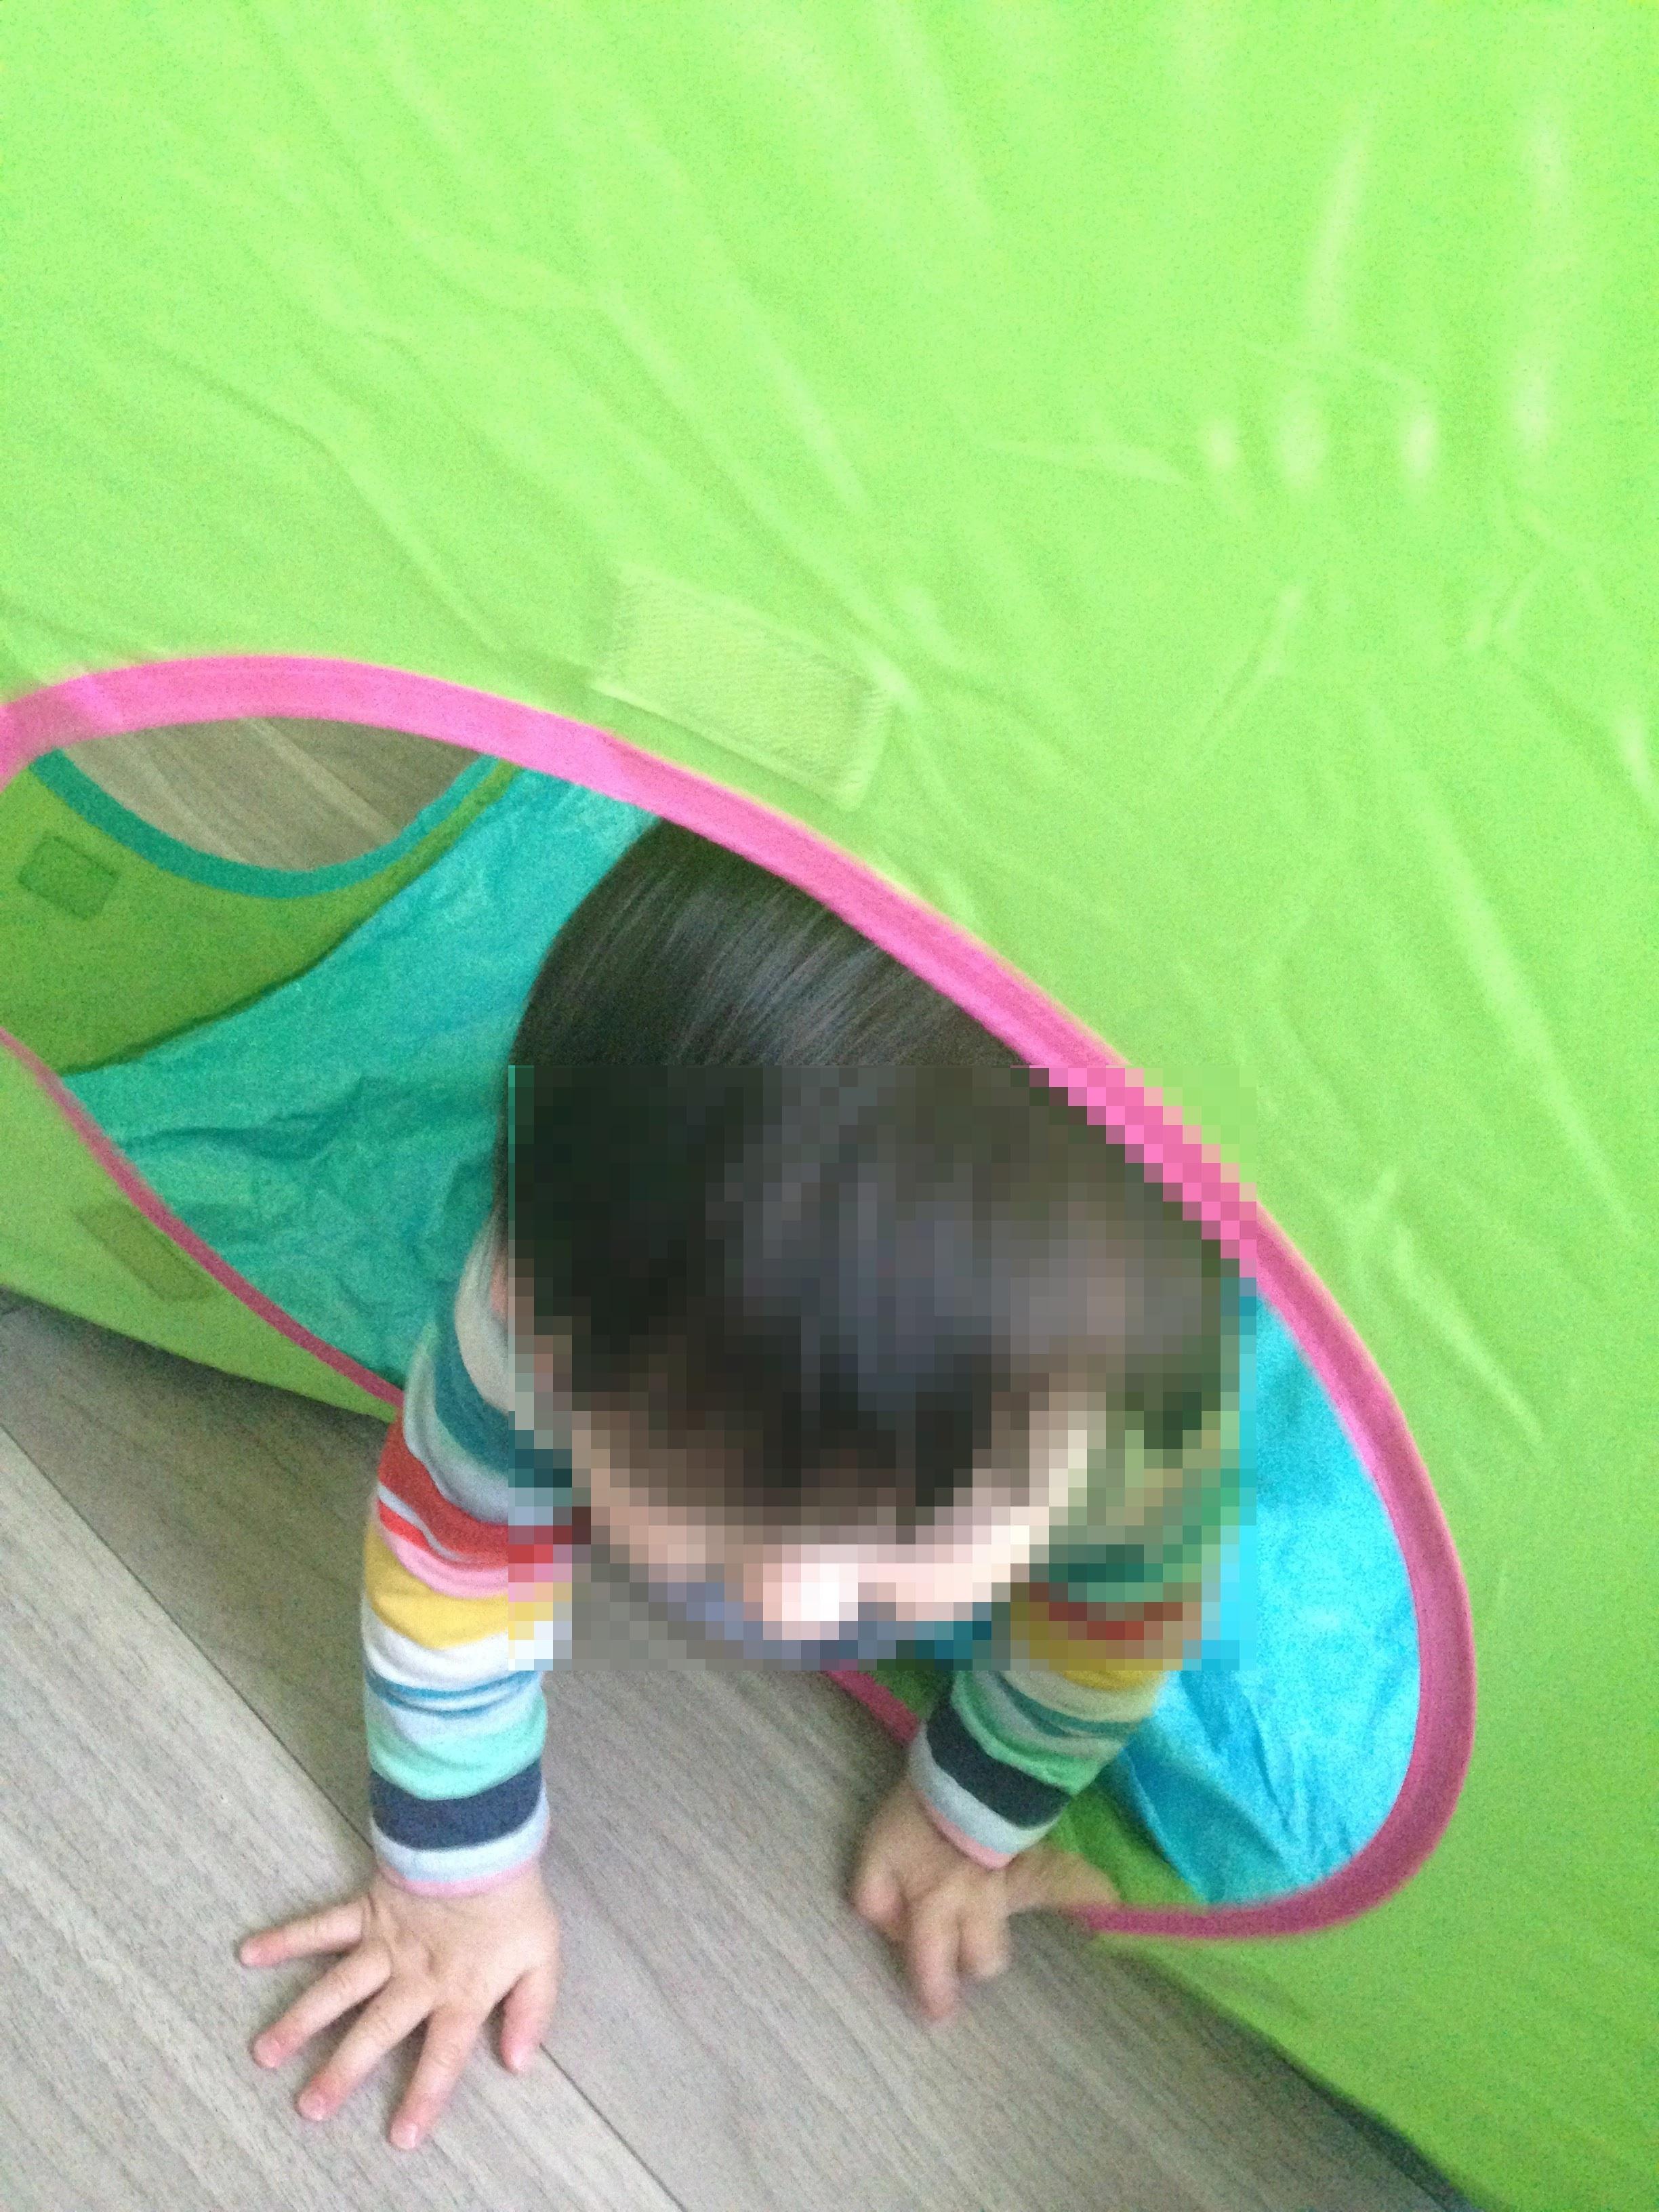 Ikea テント たたみ 方